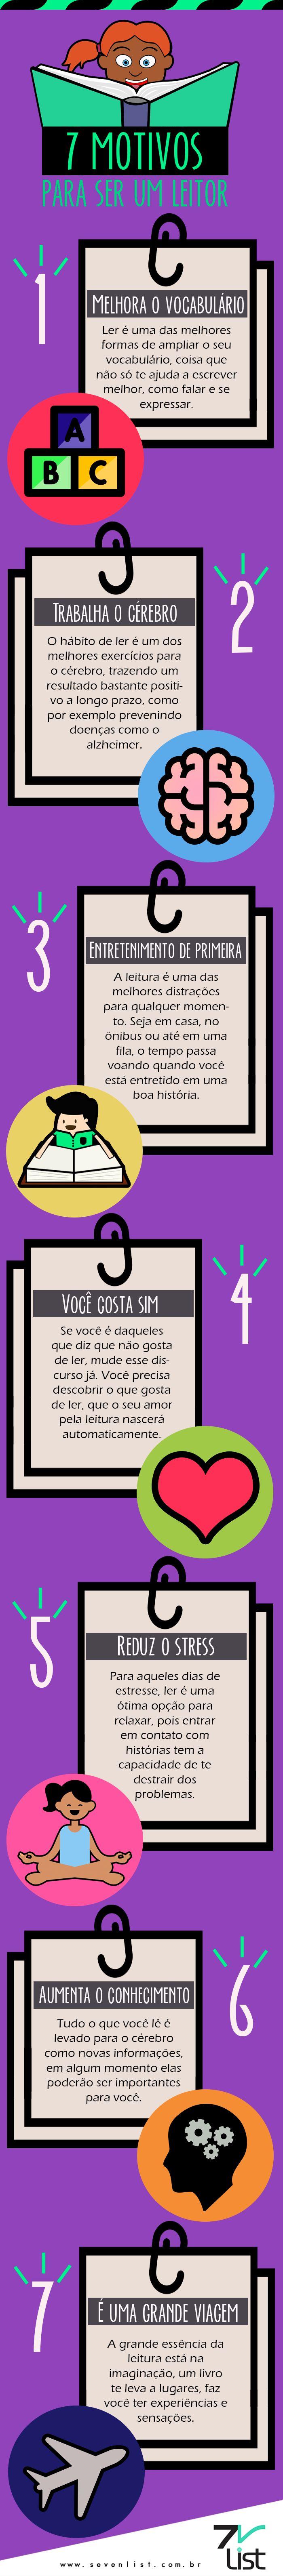 #Book #Infográfico #Design #Ler #Livros